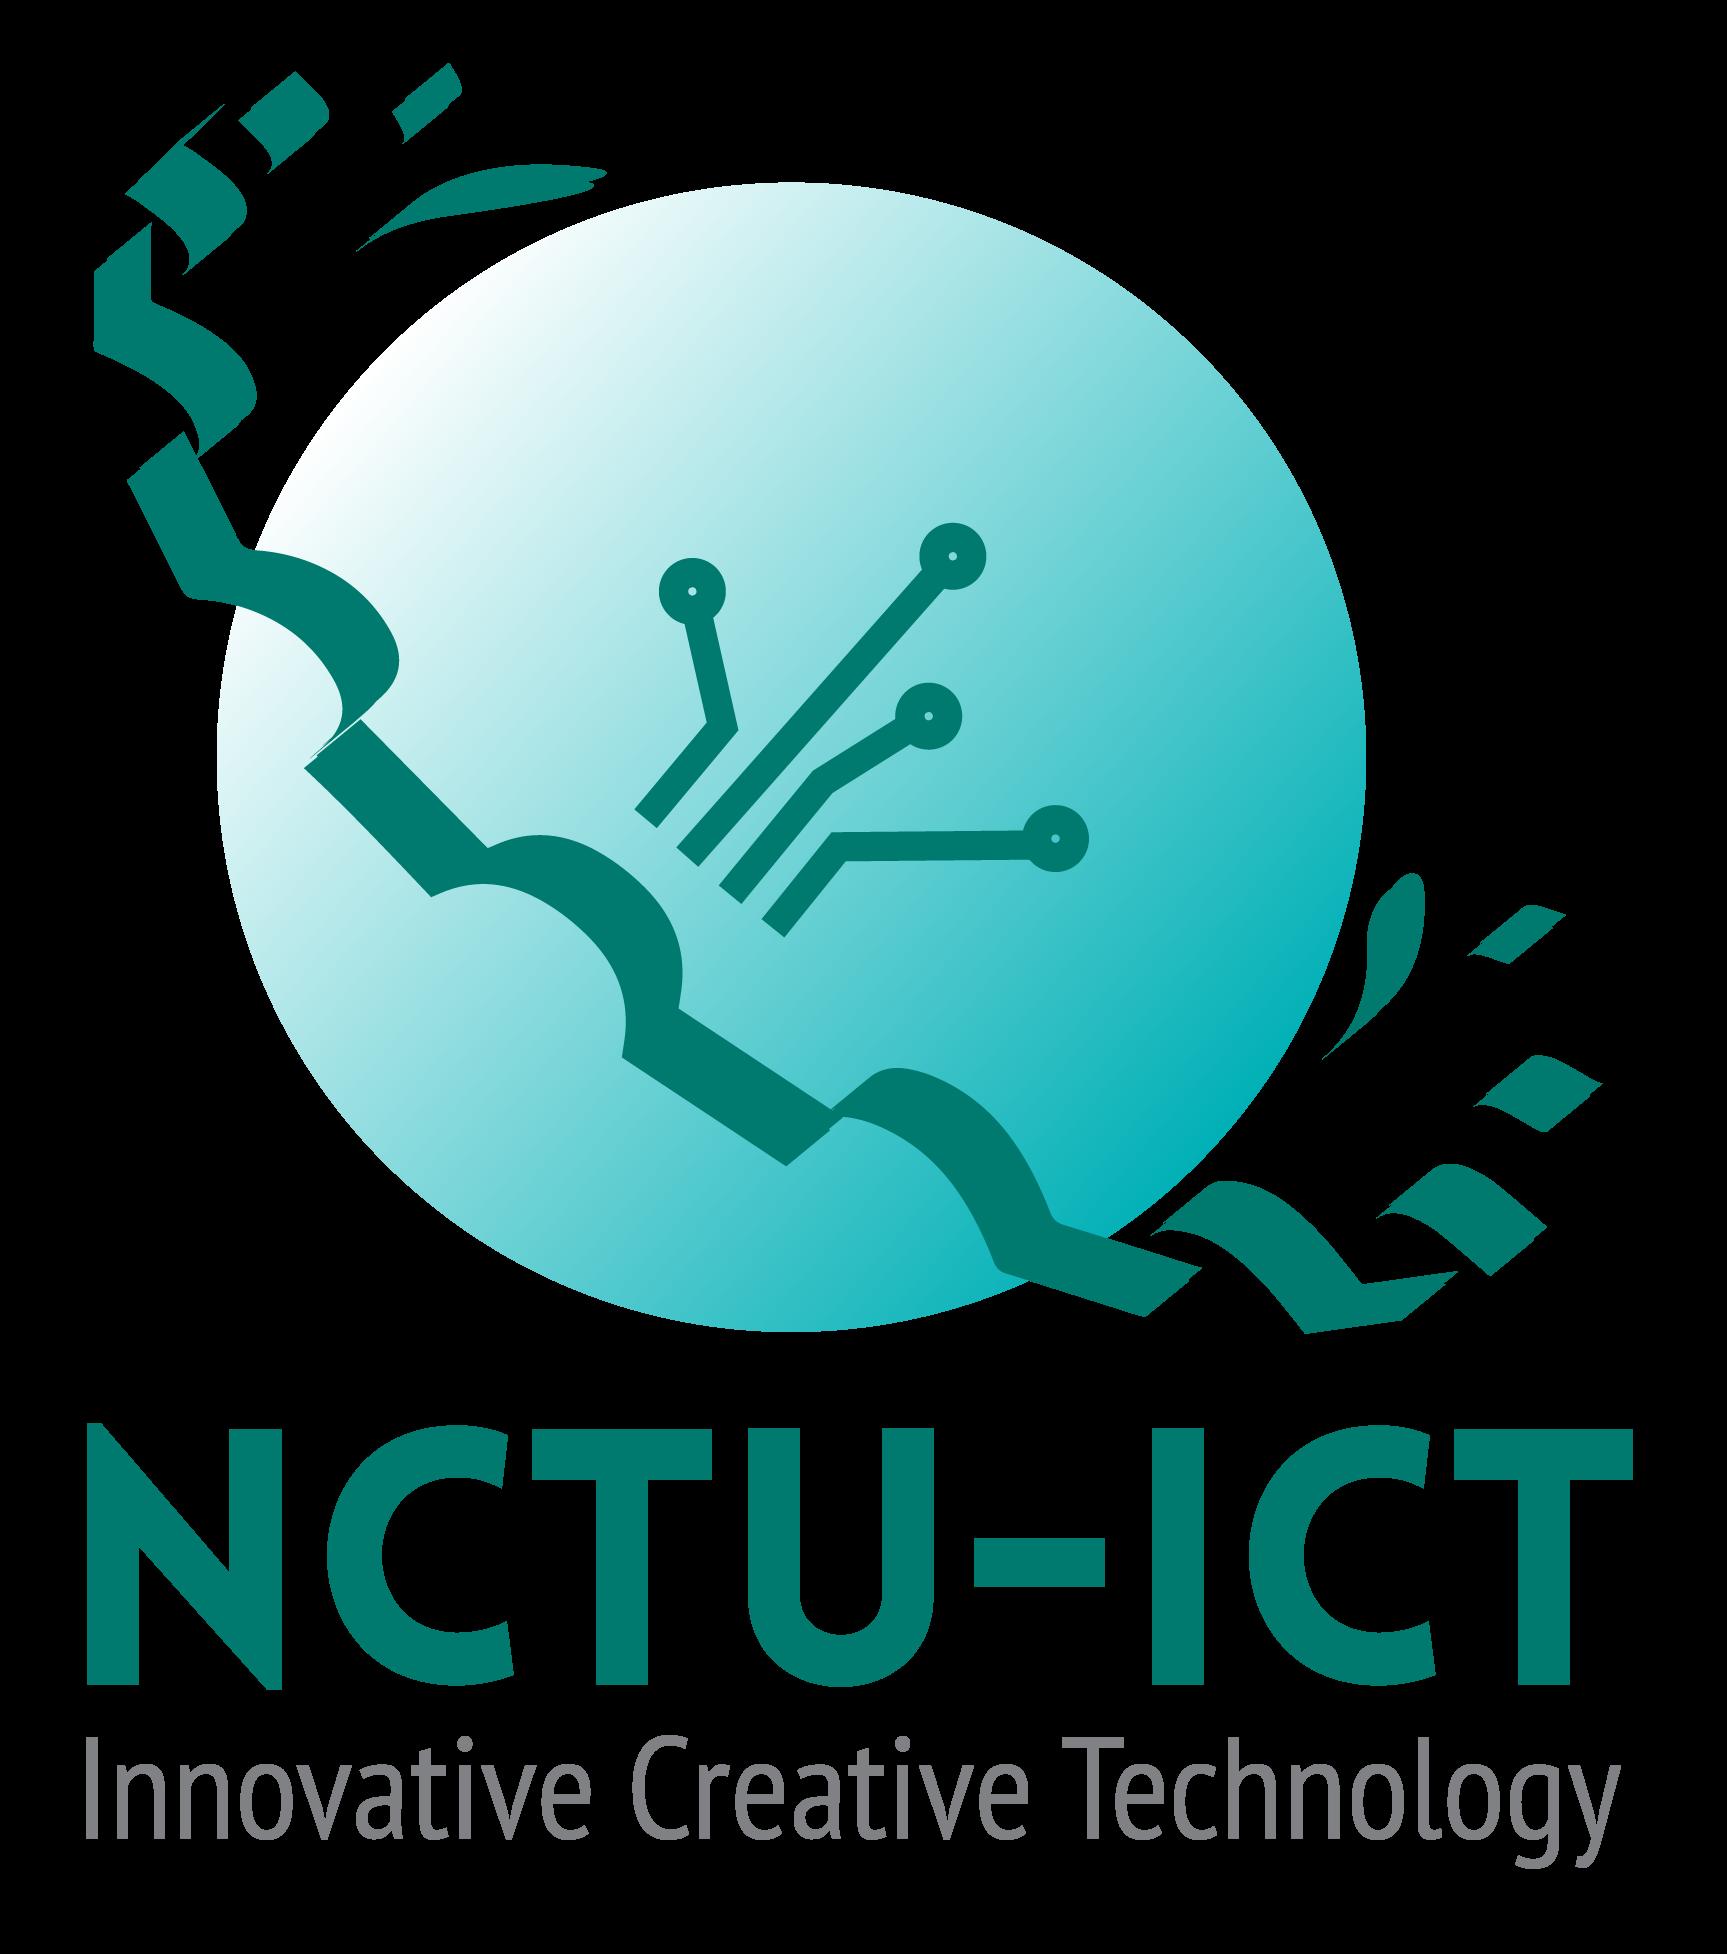 NCTU-ICT工坊FB